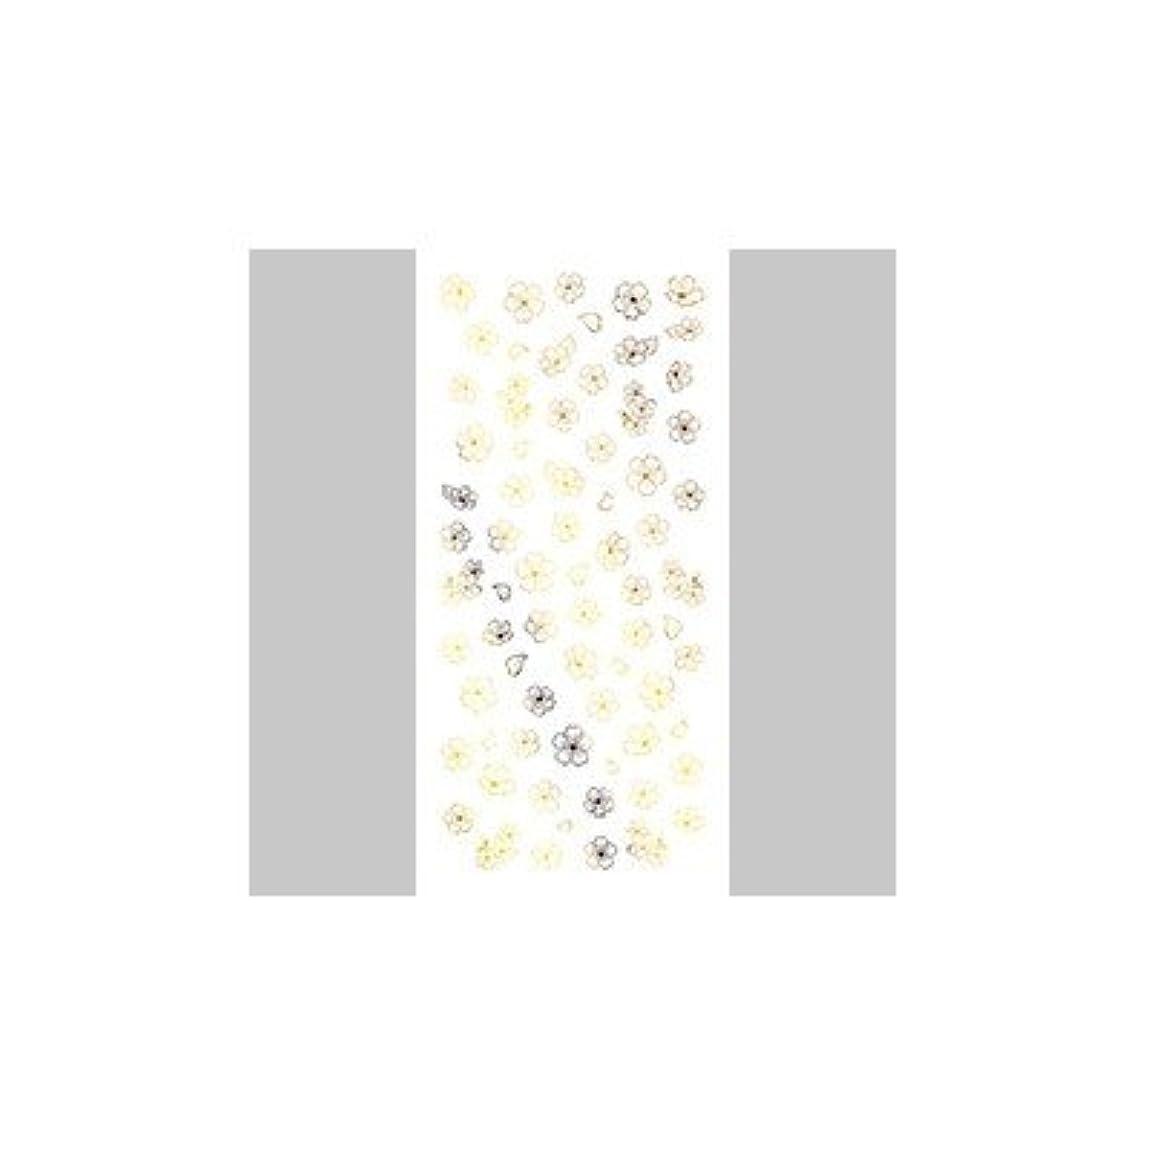 きつく類推鉛筆ツメキラ(TSUMEKIRA) ネイル用シール さくら5 ゴールド SG-SKR-502